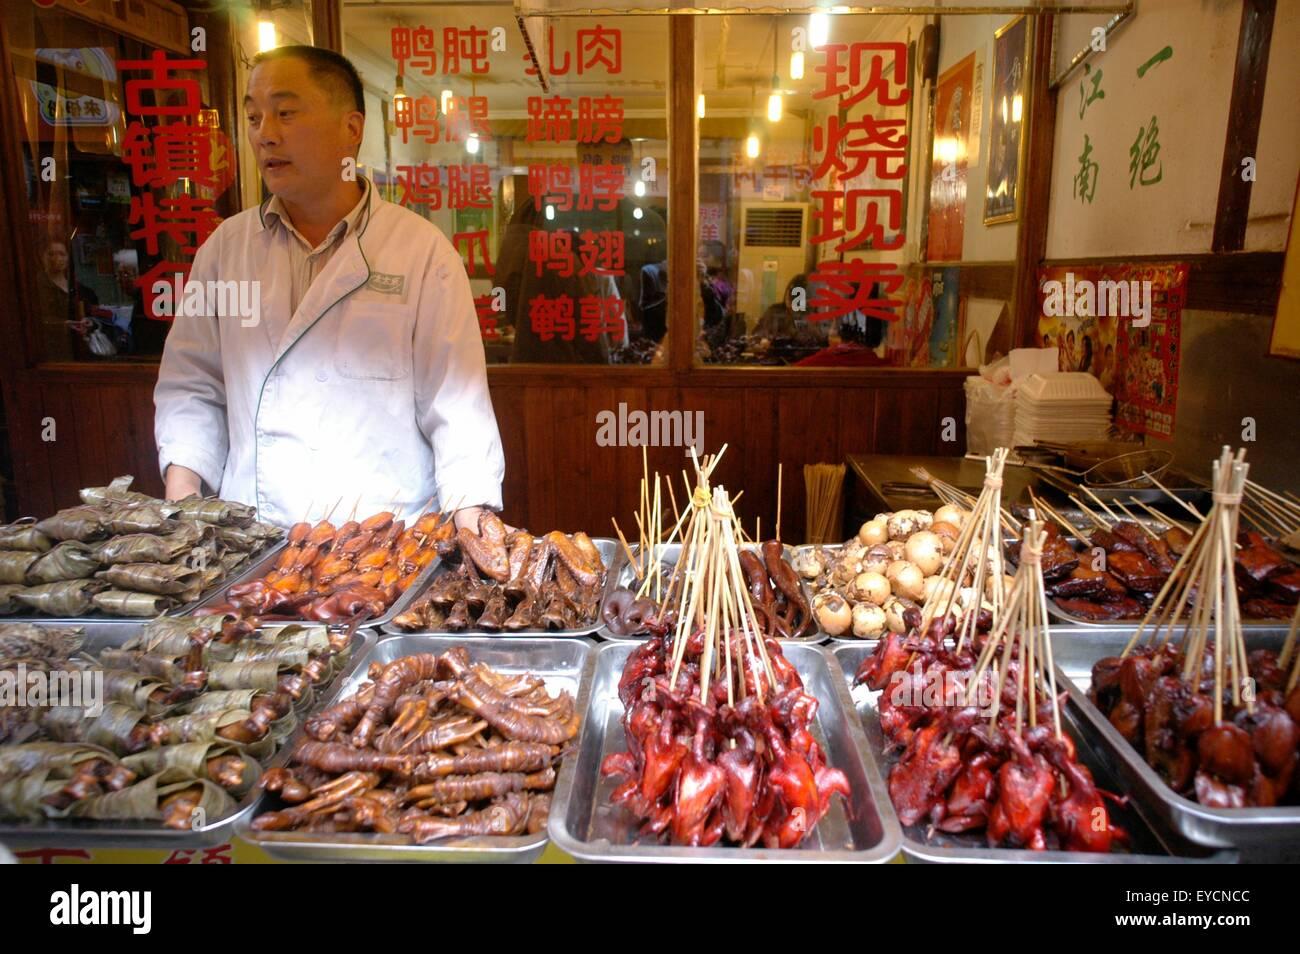 A street vendor in Zhujiajiao outside of Shanghai - Stock Image